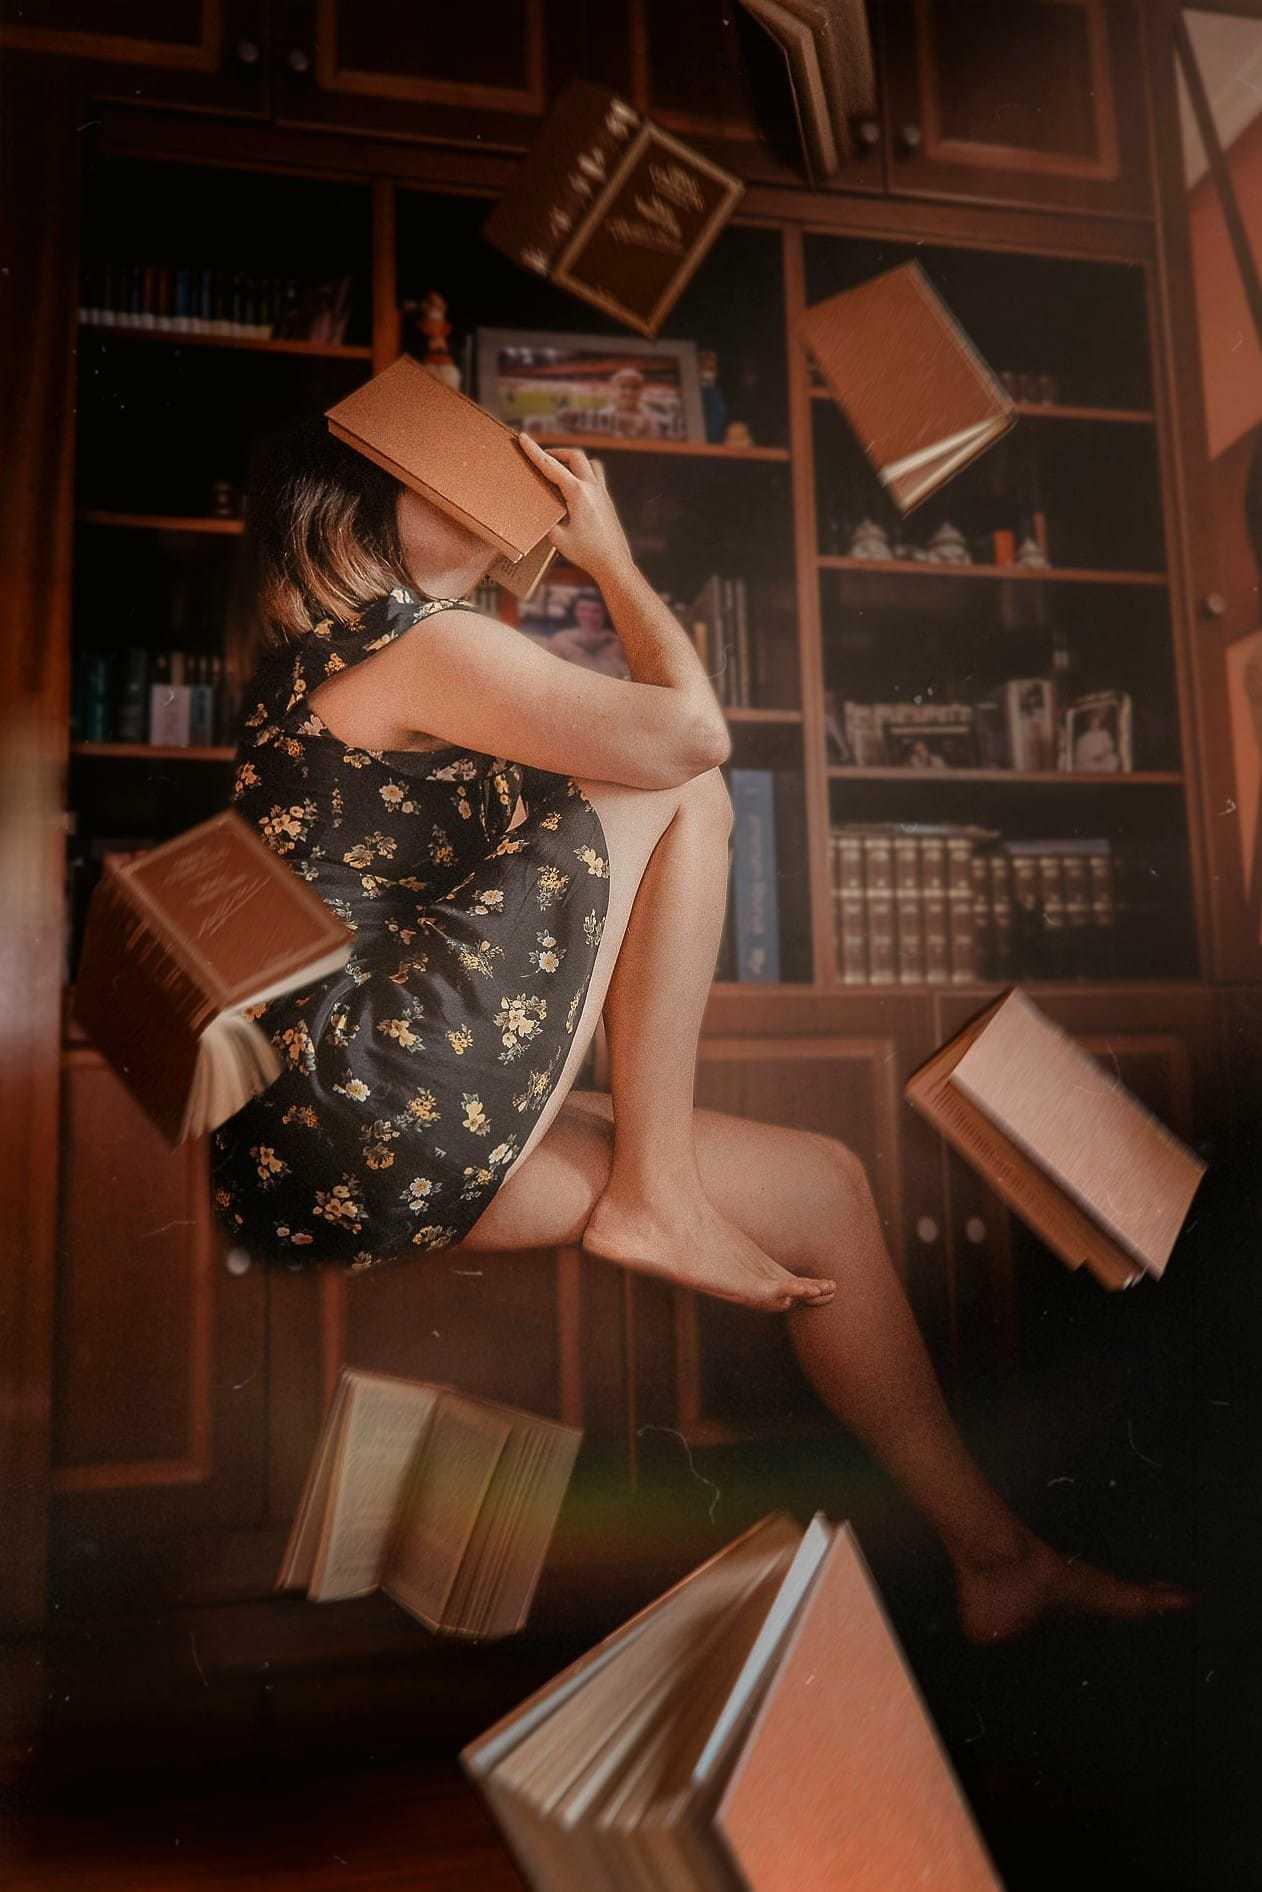 fotografía creativa entre libros